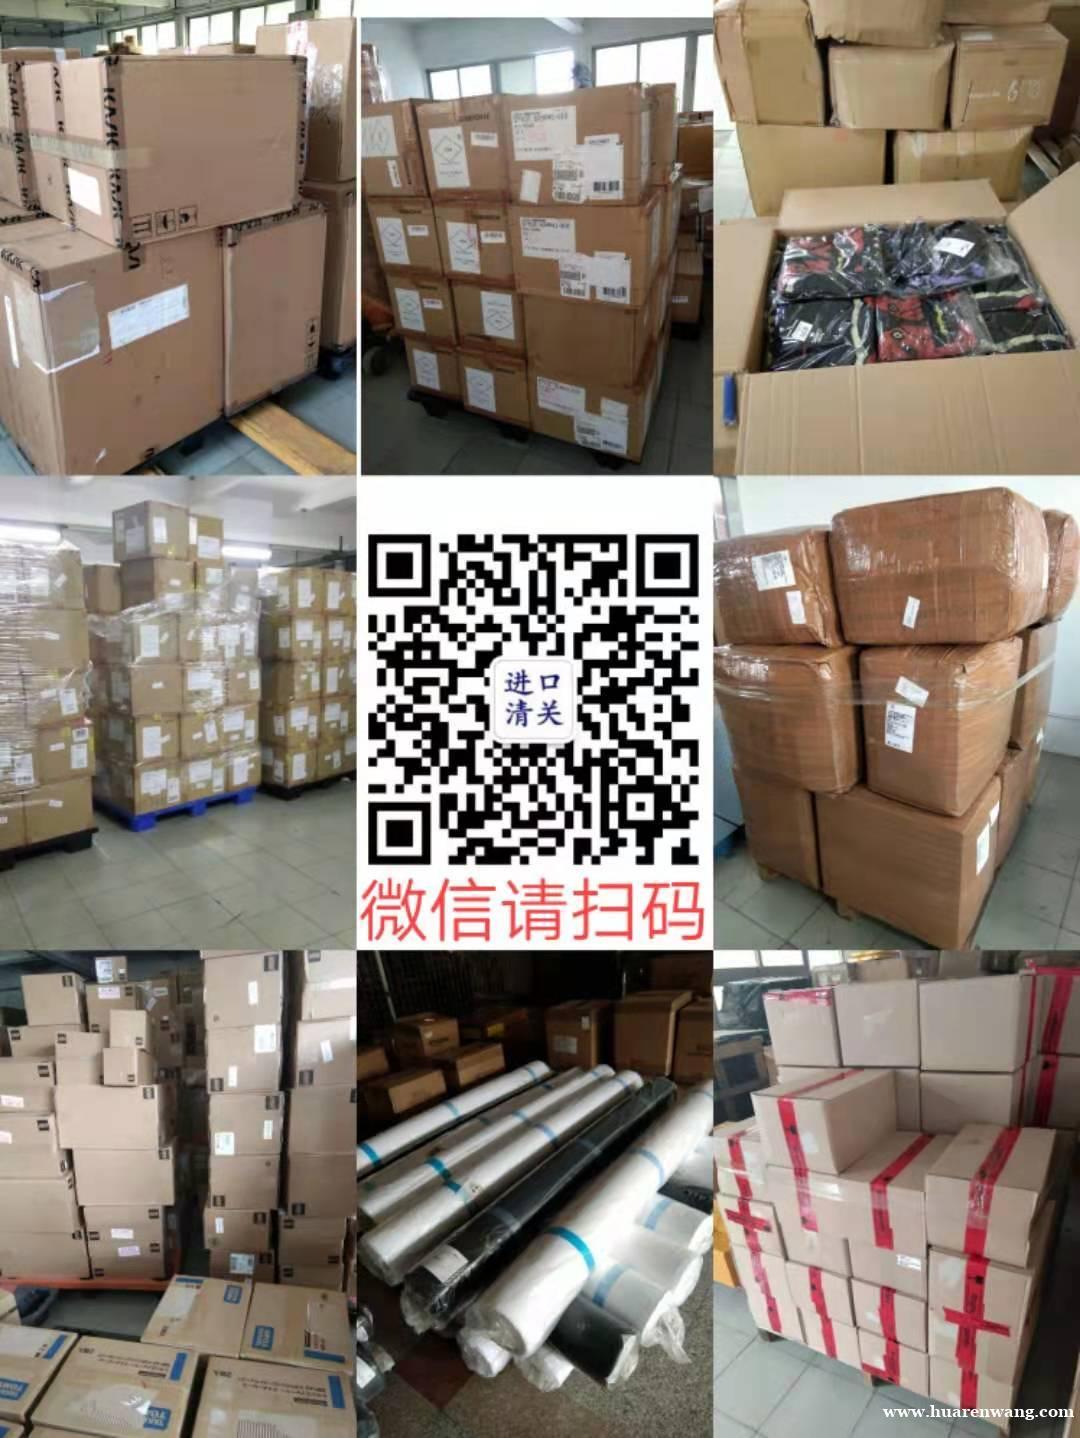 西班牙--香港--大陆 包税清关操作流程